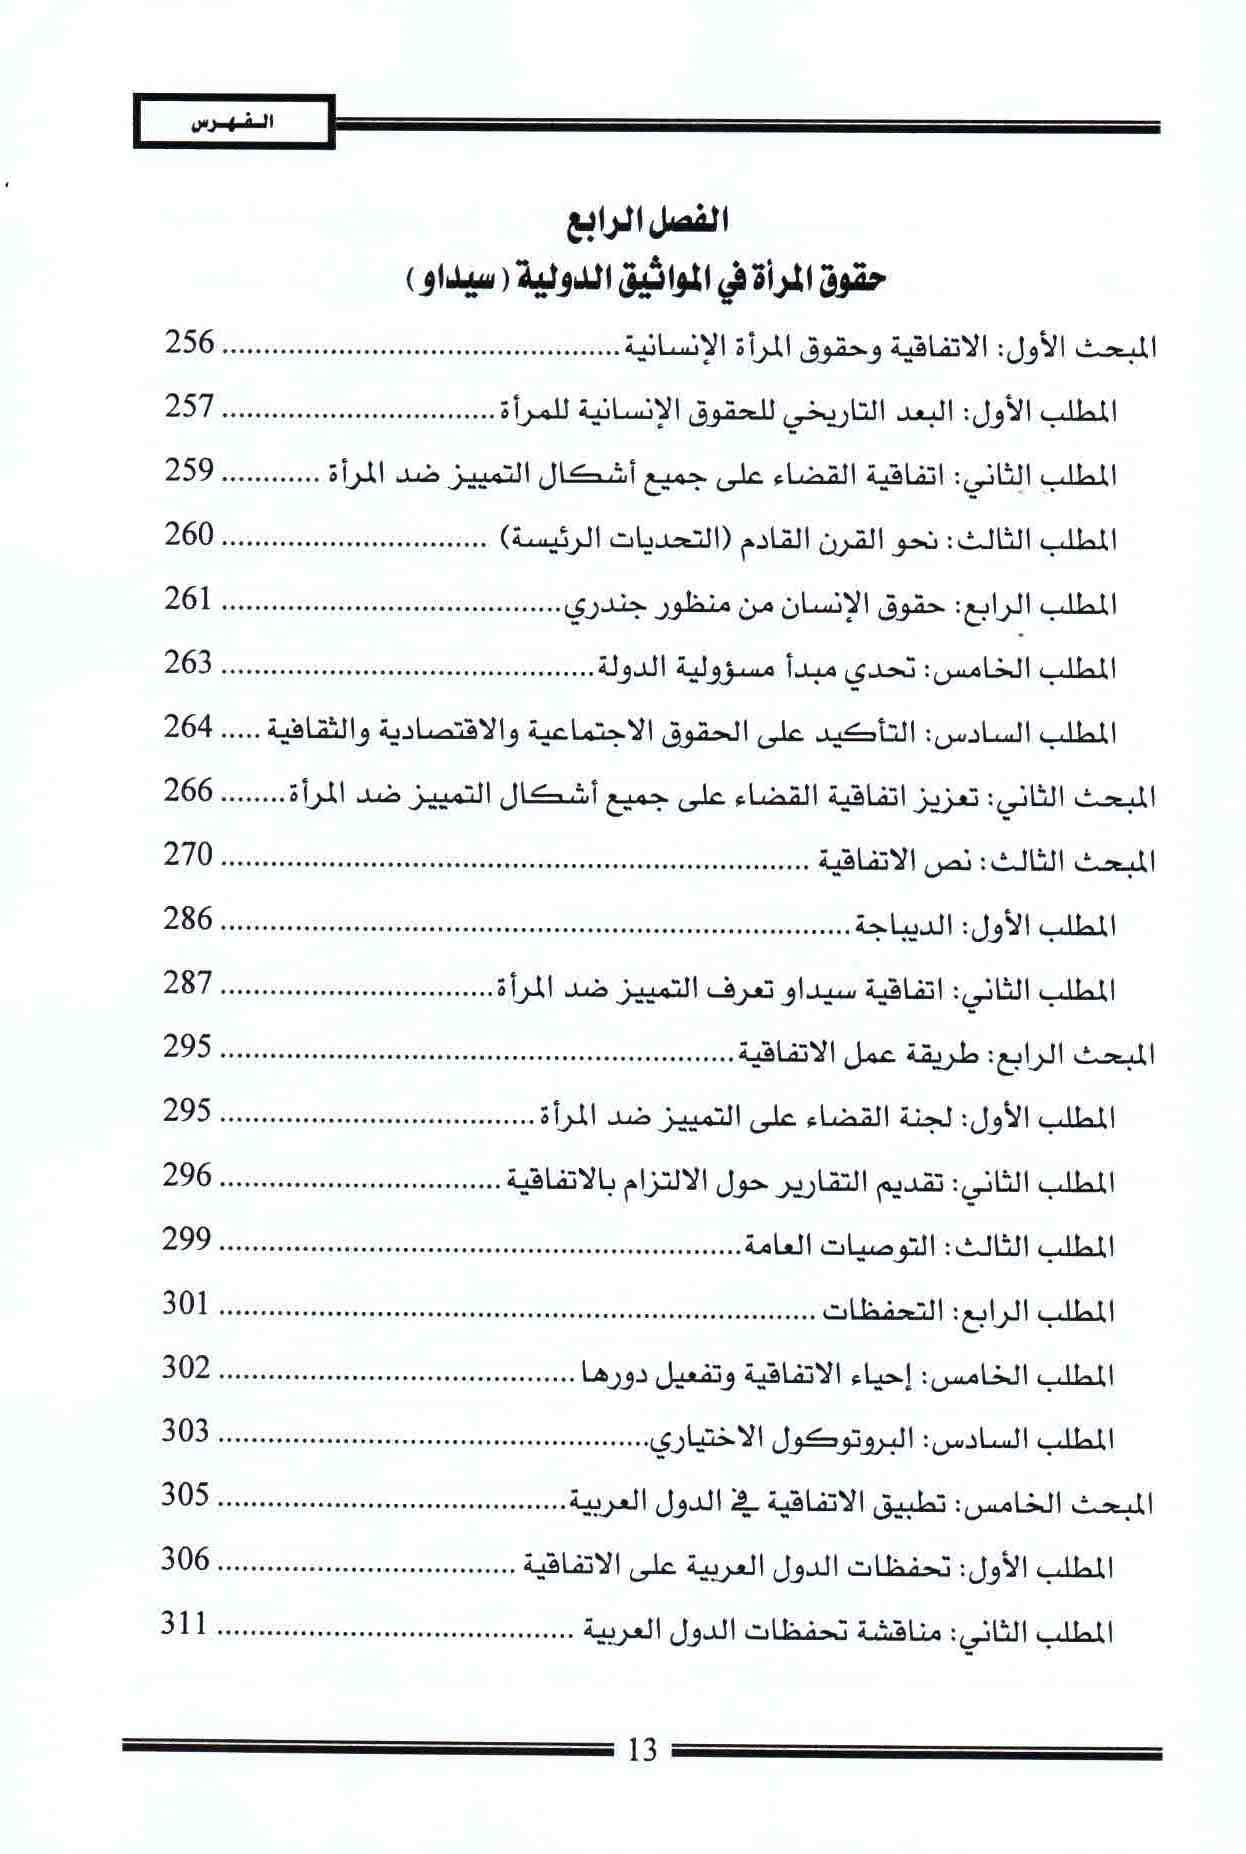 ص 13 محتويات كتاب حقوق المرأة